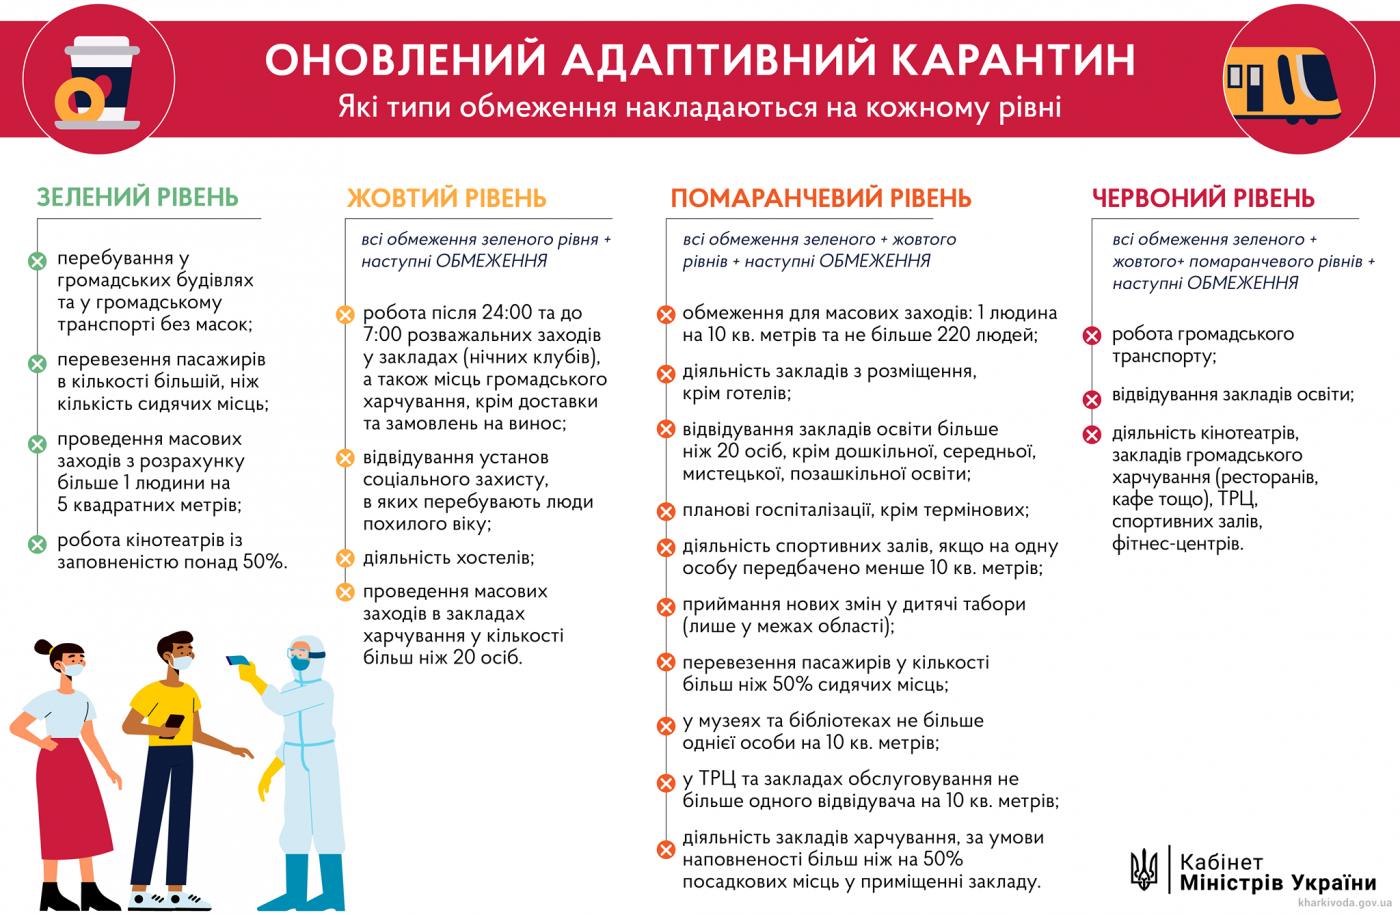 Харьков попал в «красную» зону карантина. Что могут запретить жителям, фото-1